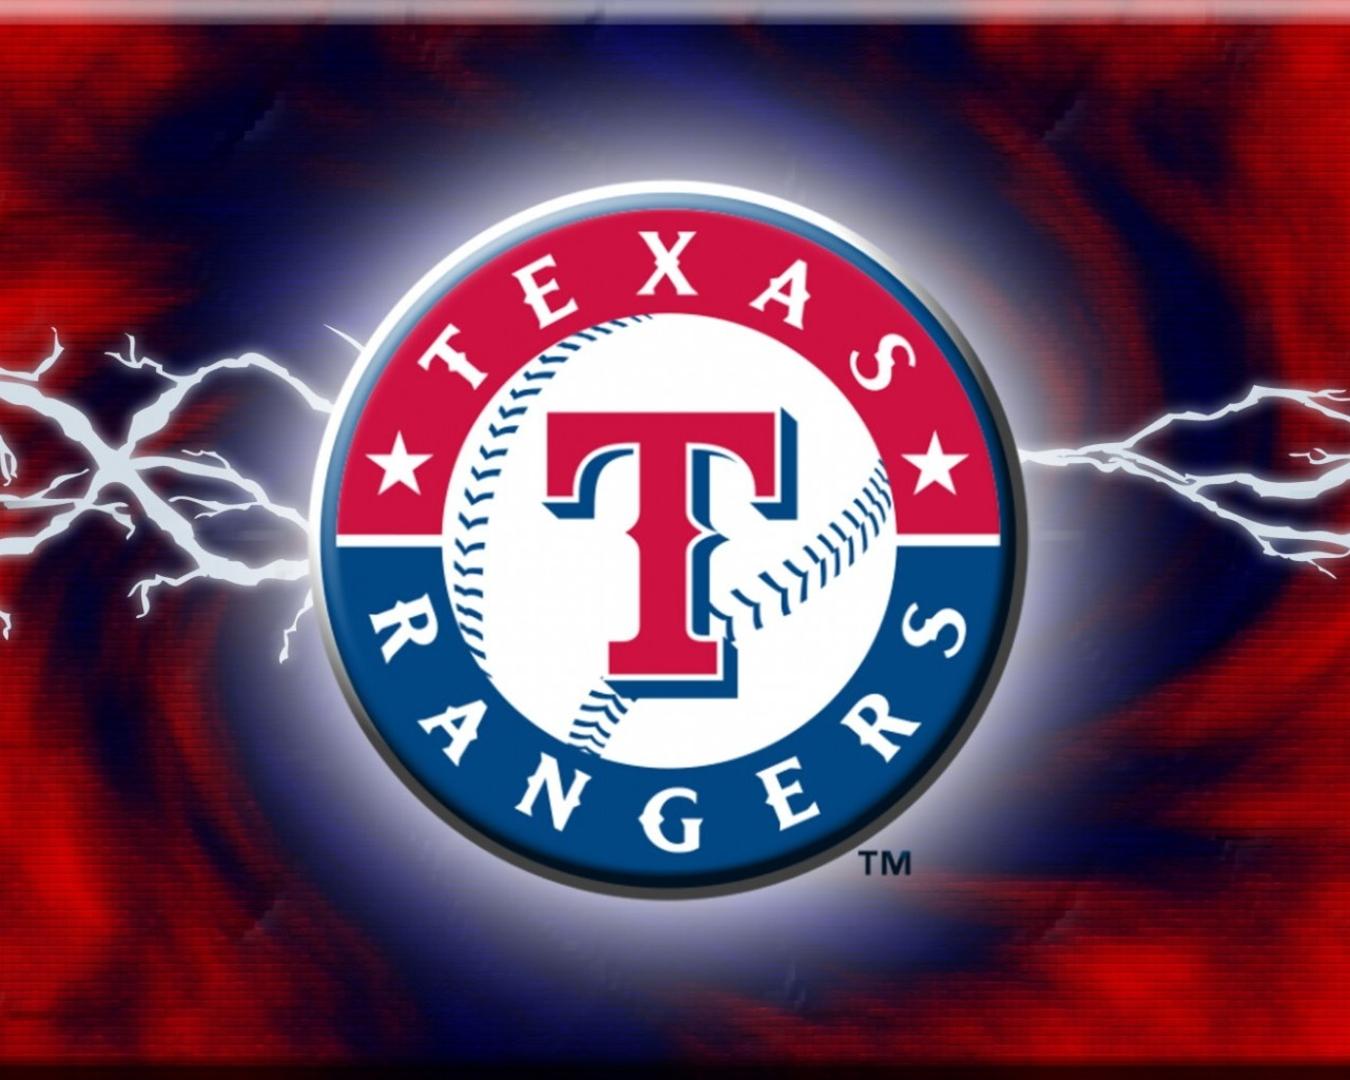 Download Texas Rangers Wallpaper Hd 1350x1080 124896 Full Size 1350x1080